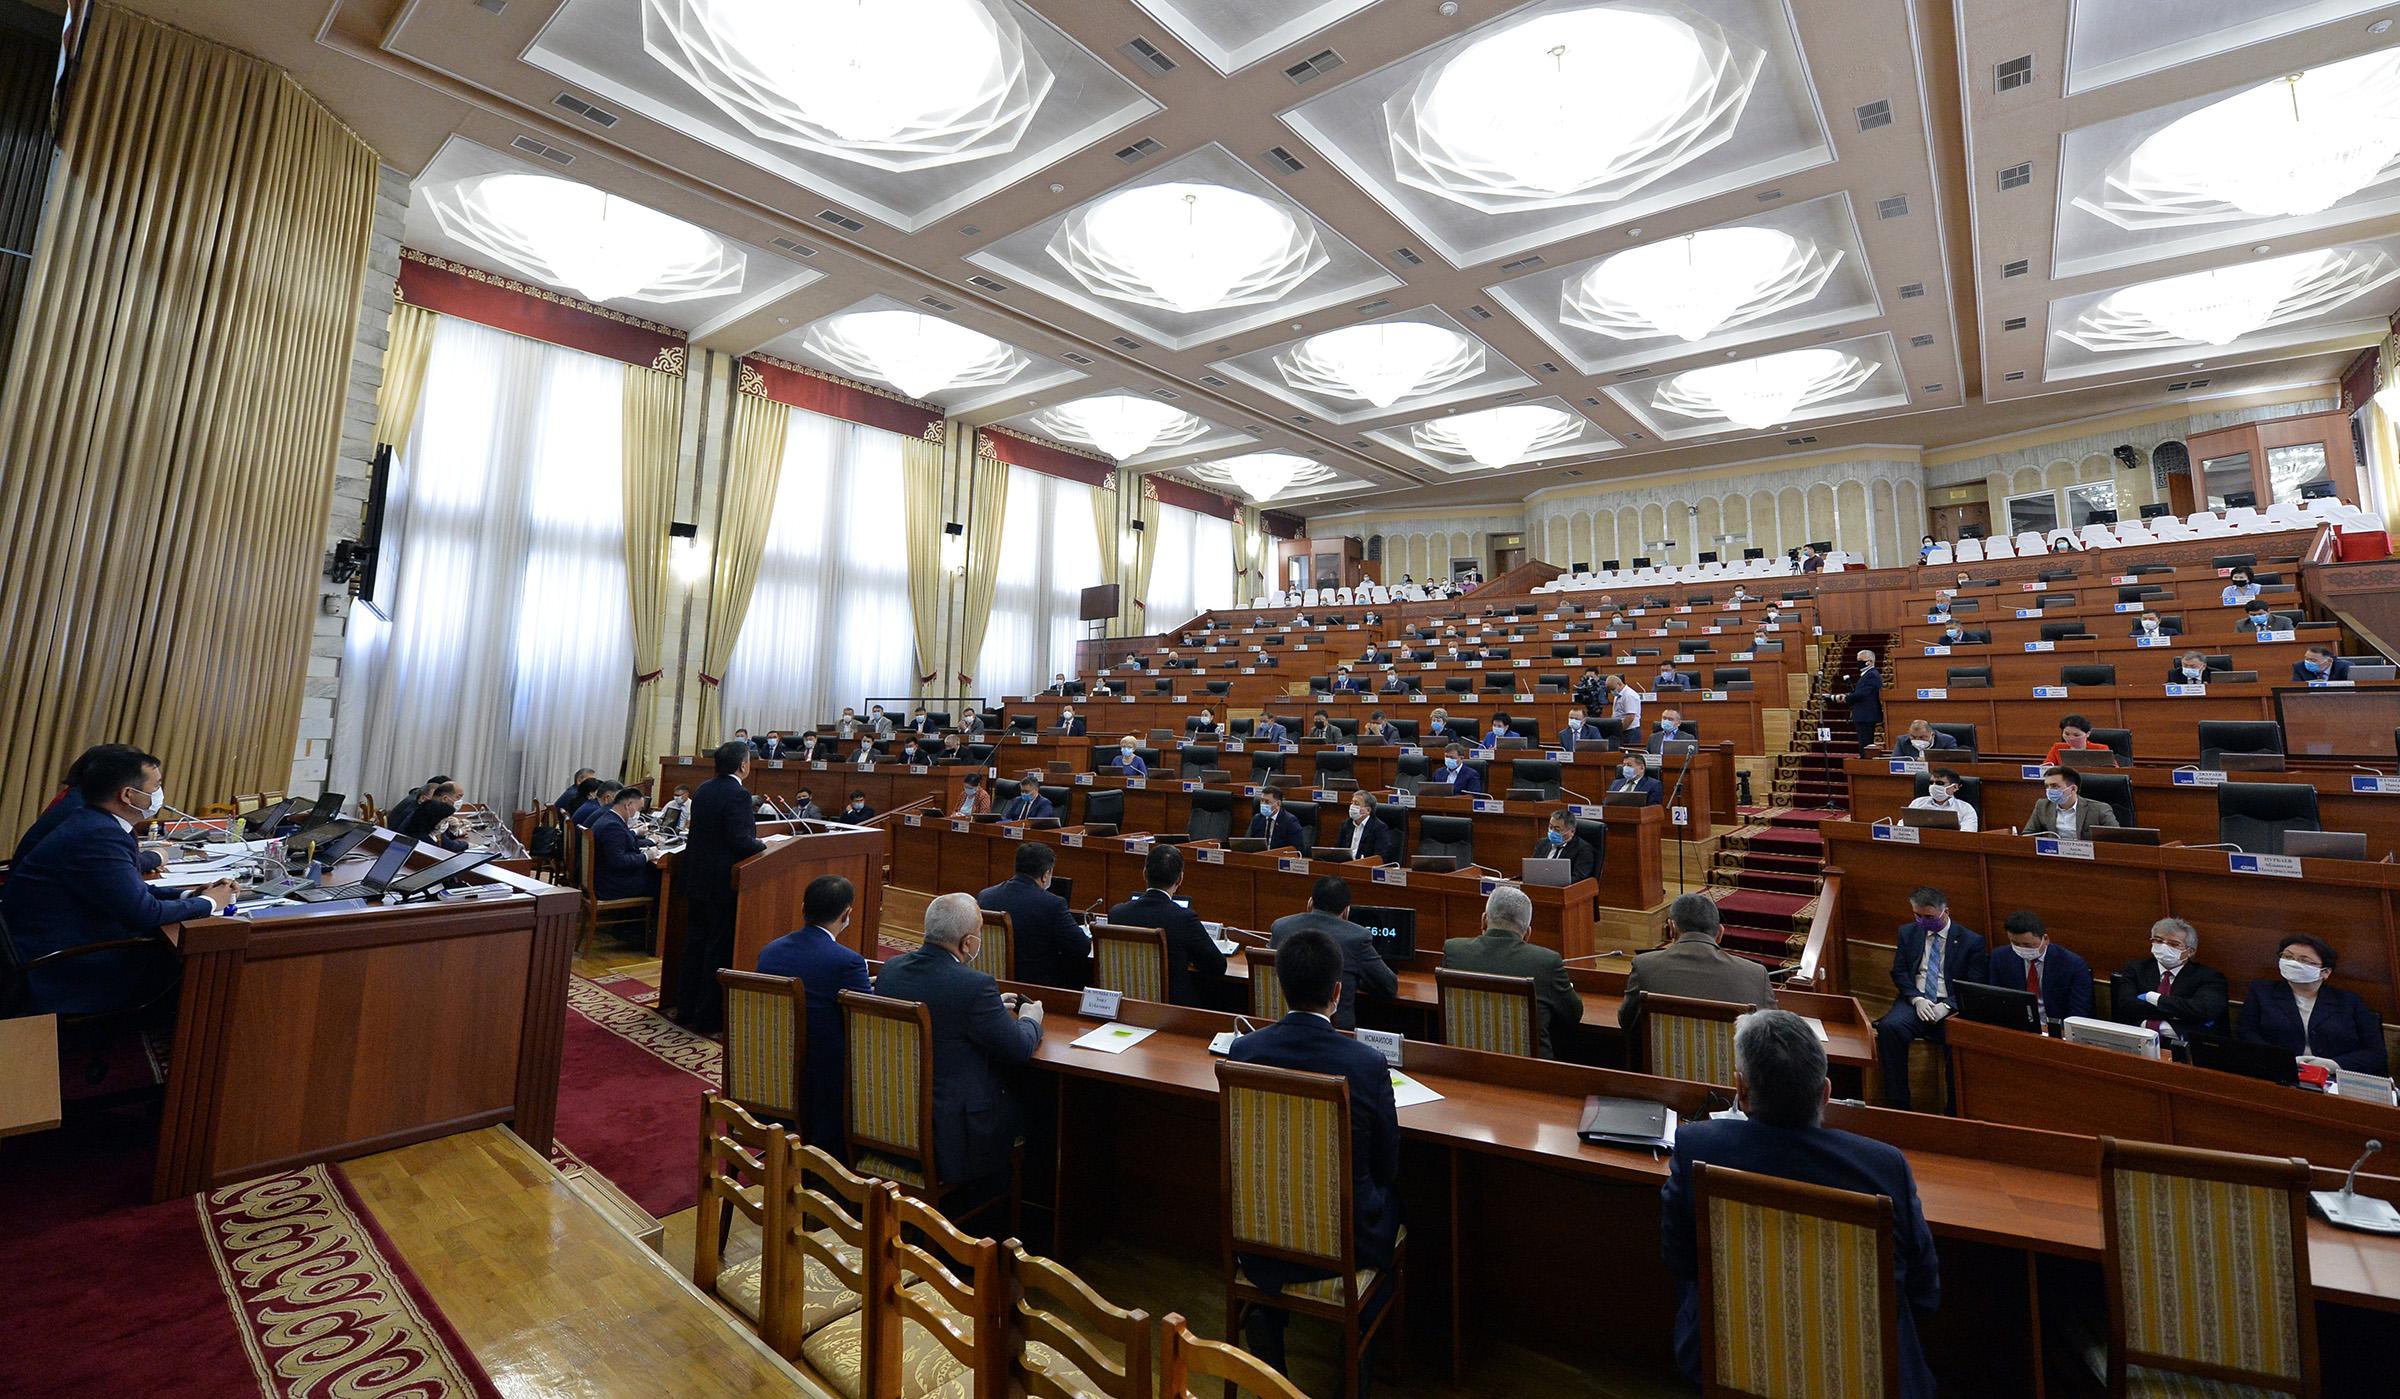 Жогорку Кеңеш: кезесиз жыйынга чогулуу үчүн депутаттардын үчтөн биринин сунушу керек